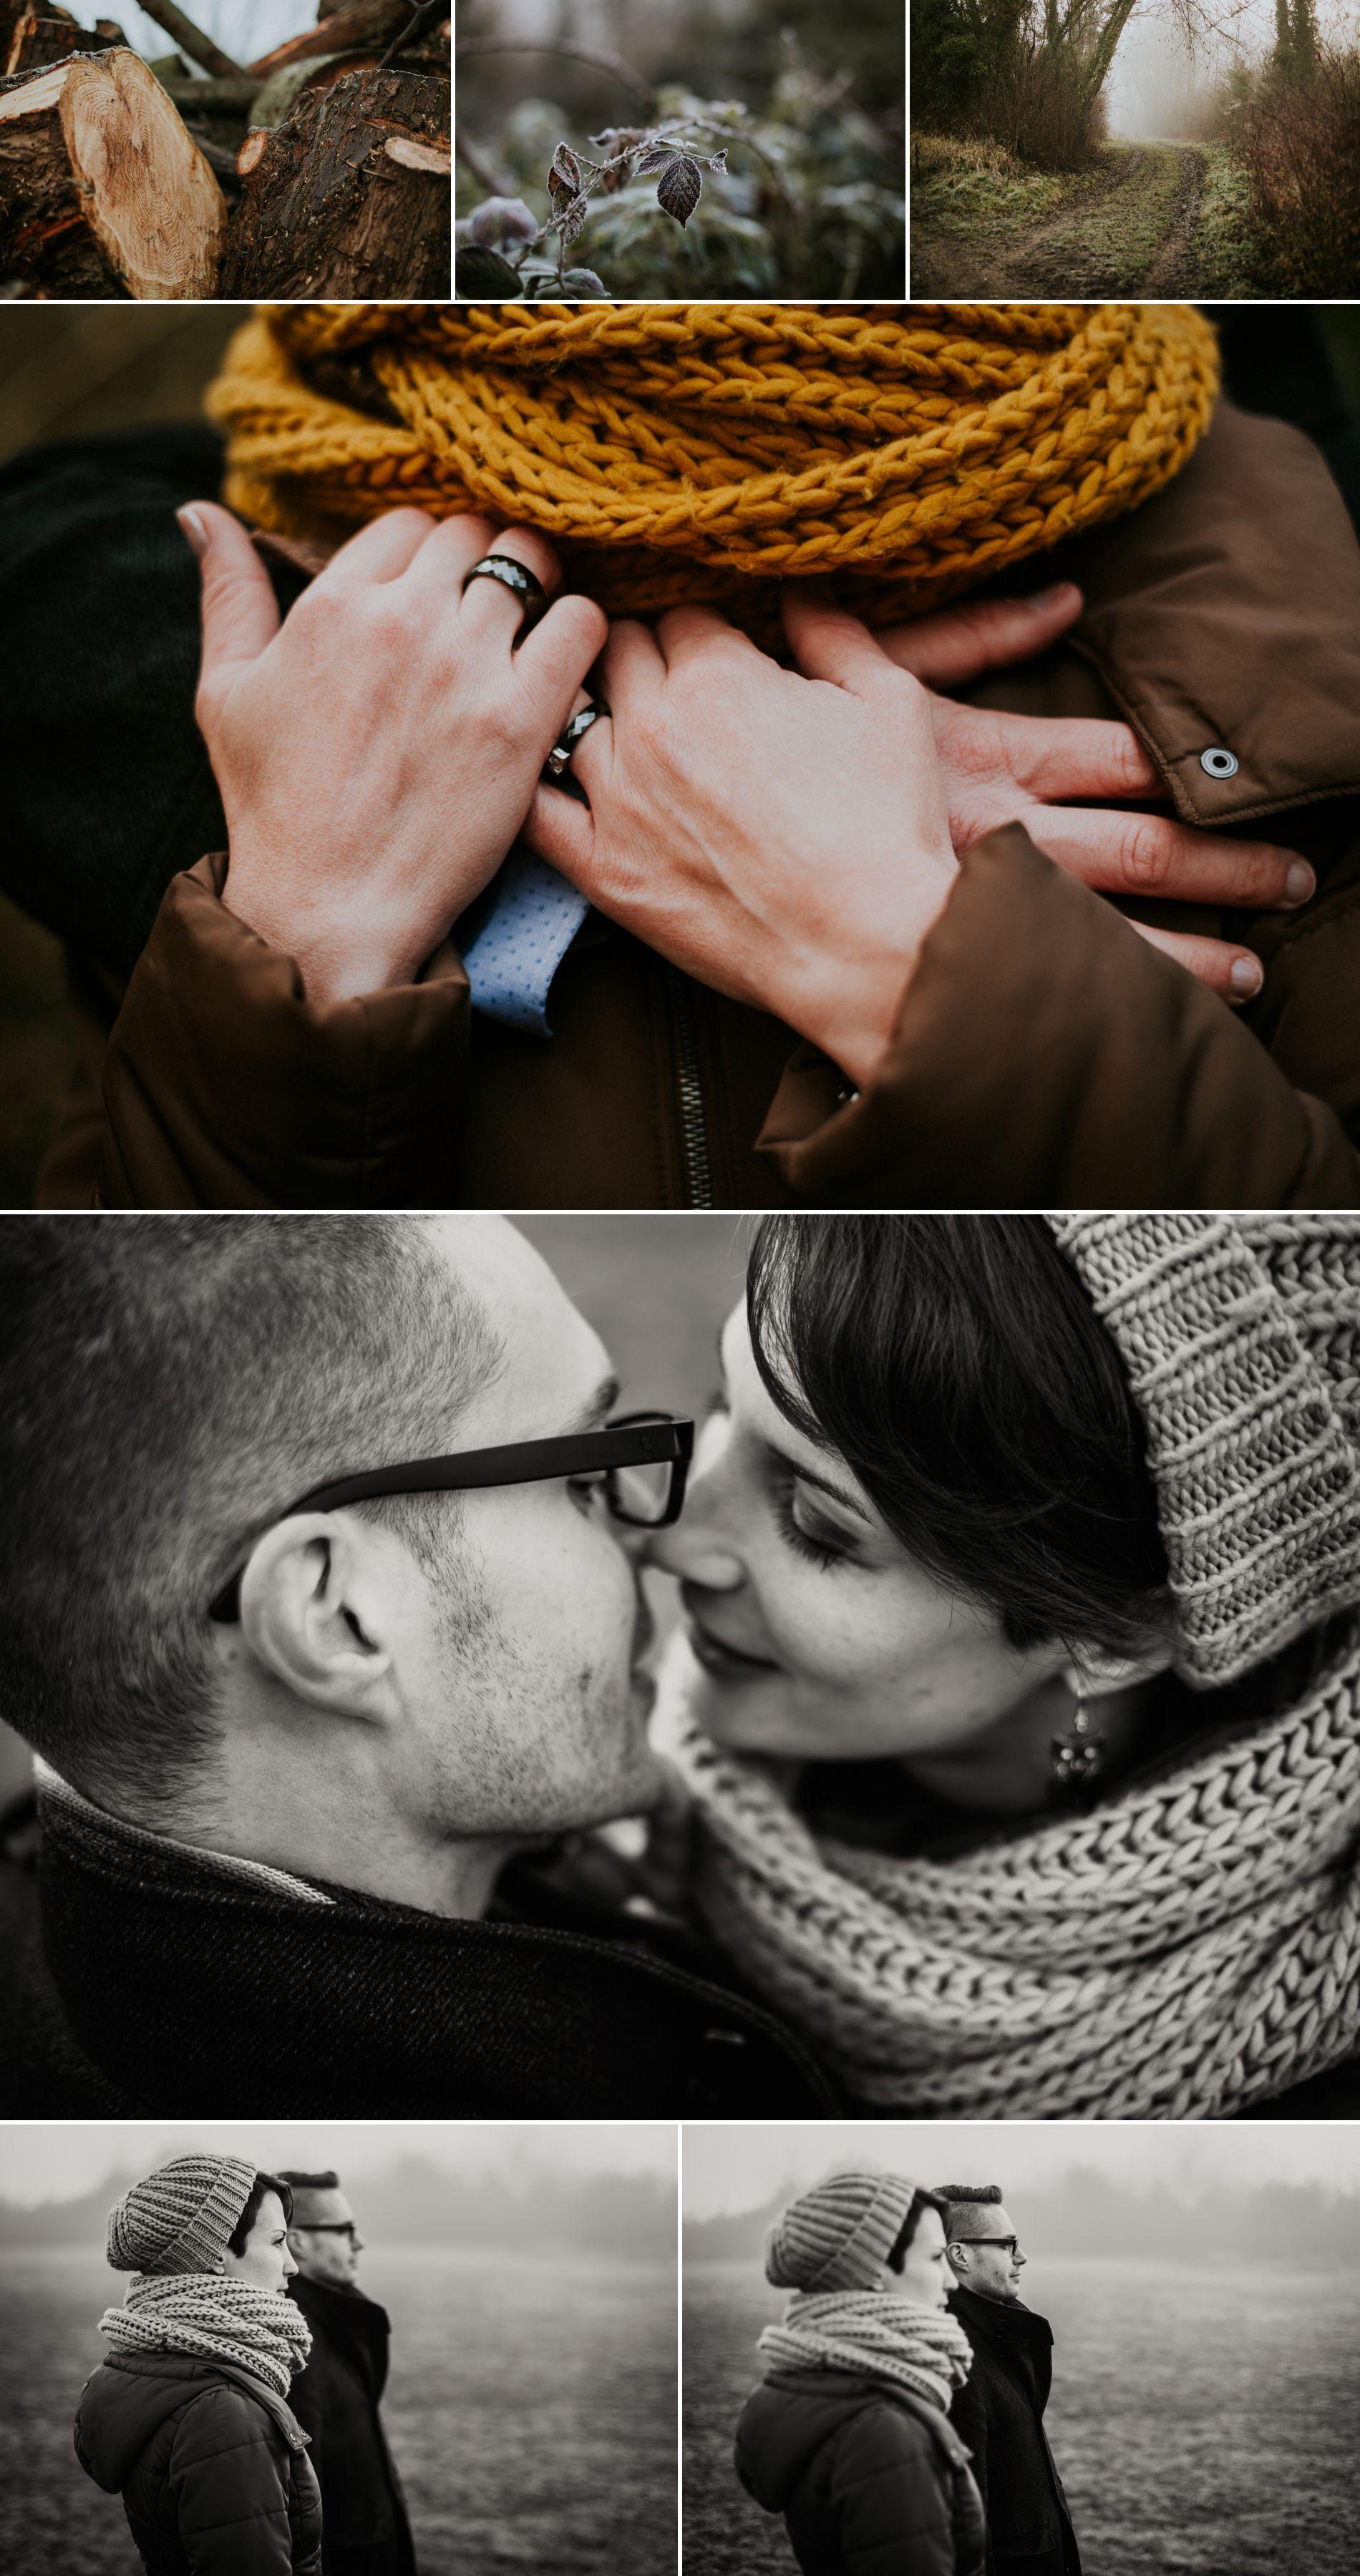 séance photo couple lifestyle Arnaud Delaunay photographe